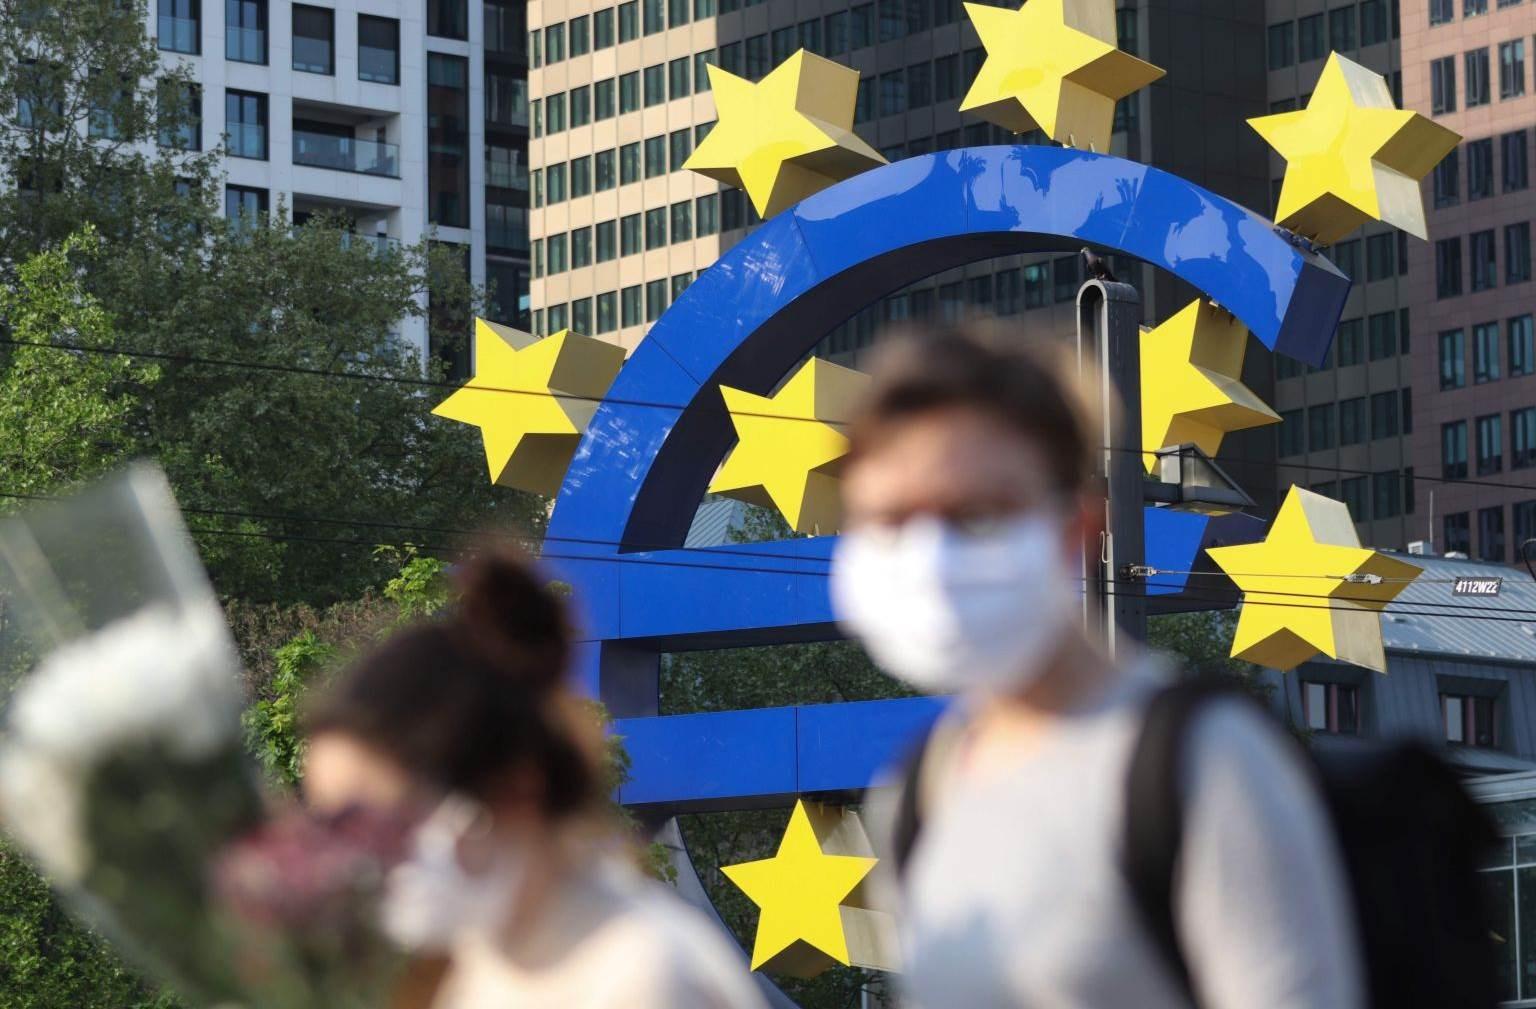 لحماية الاقتصاد من كورونا.. 16 ولايات ألمانية تنوي اقتراض 95 مليار يورو